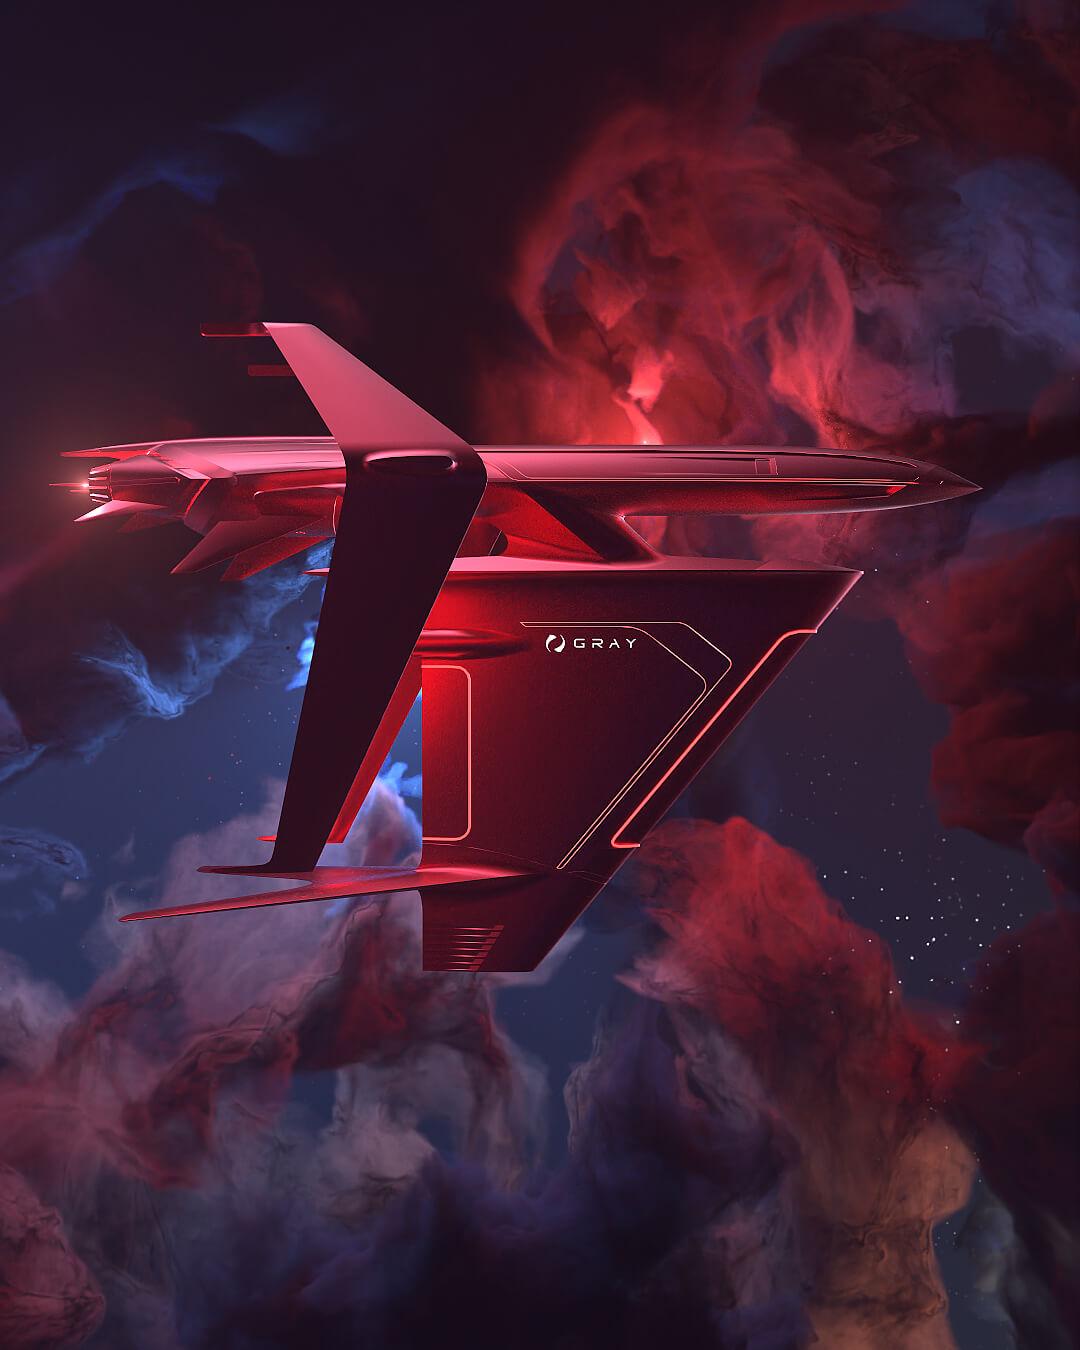 graycraft1-3 gold spaceship NFT animation